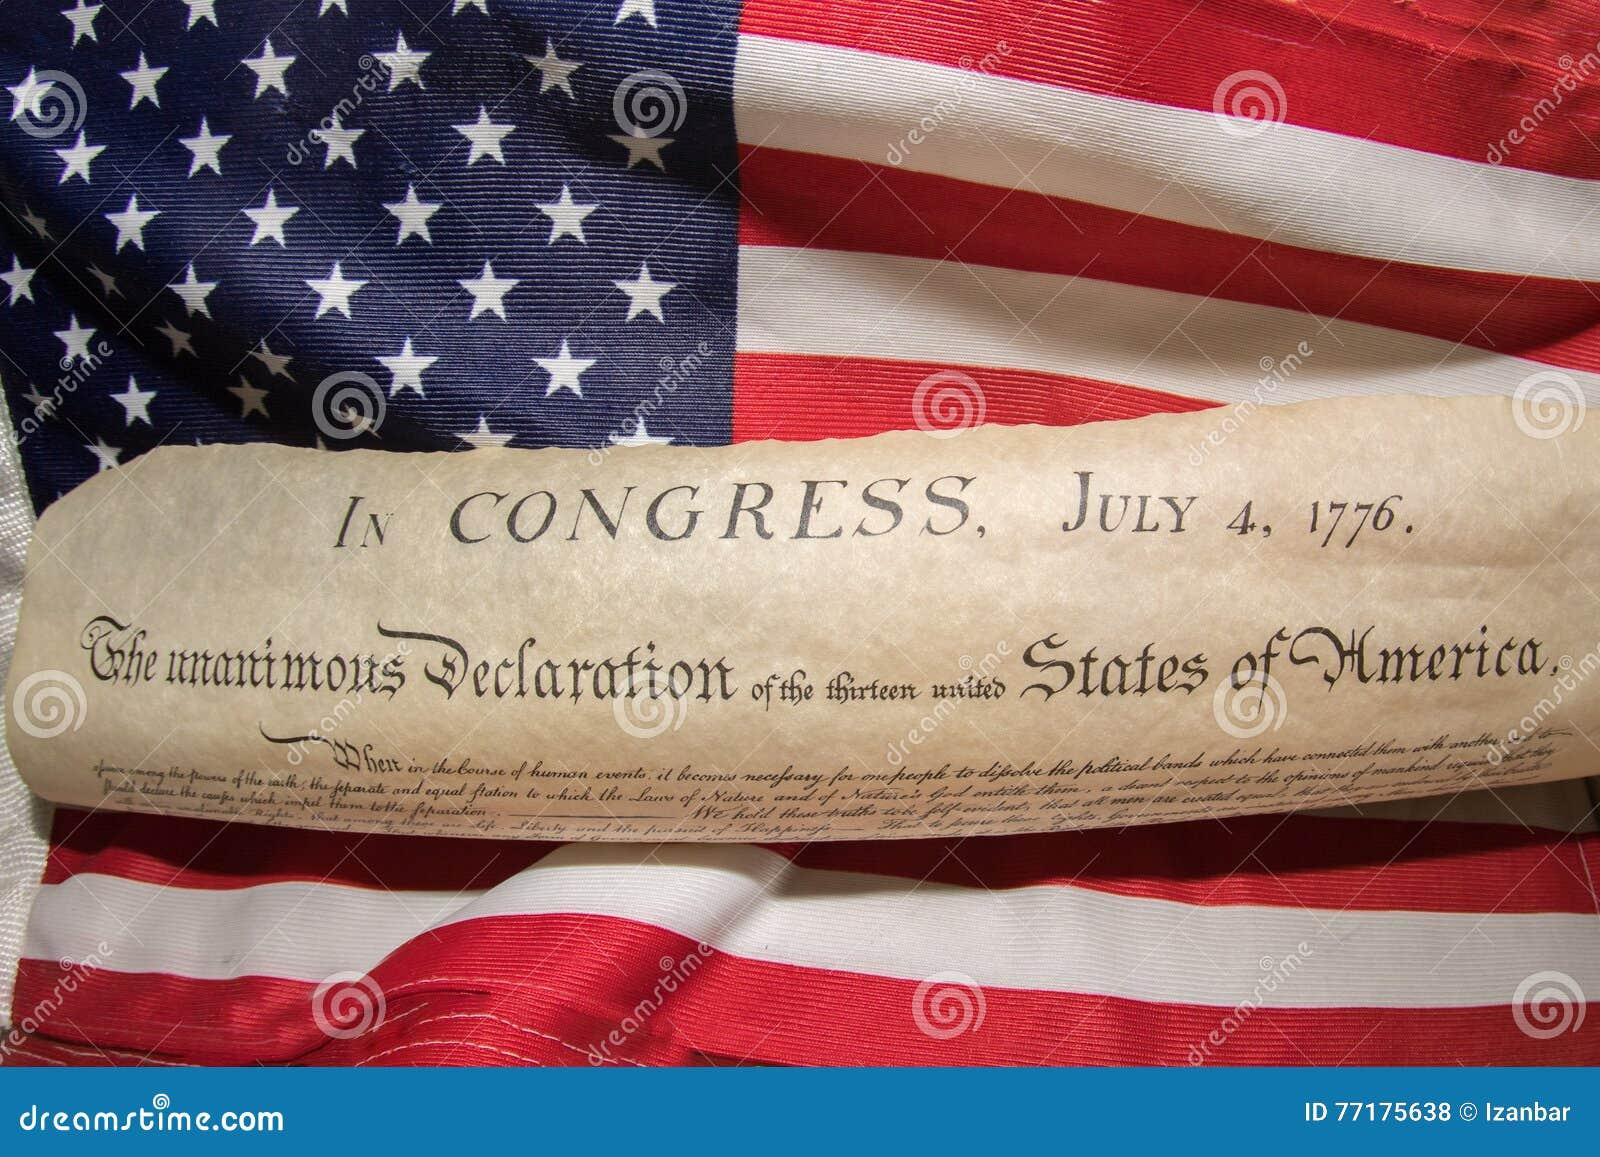 Declaración de Independencia 4 de julio de 1776 en bandera de los E.E.U.U.